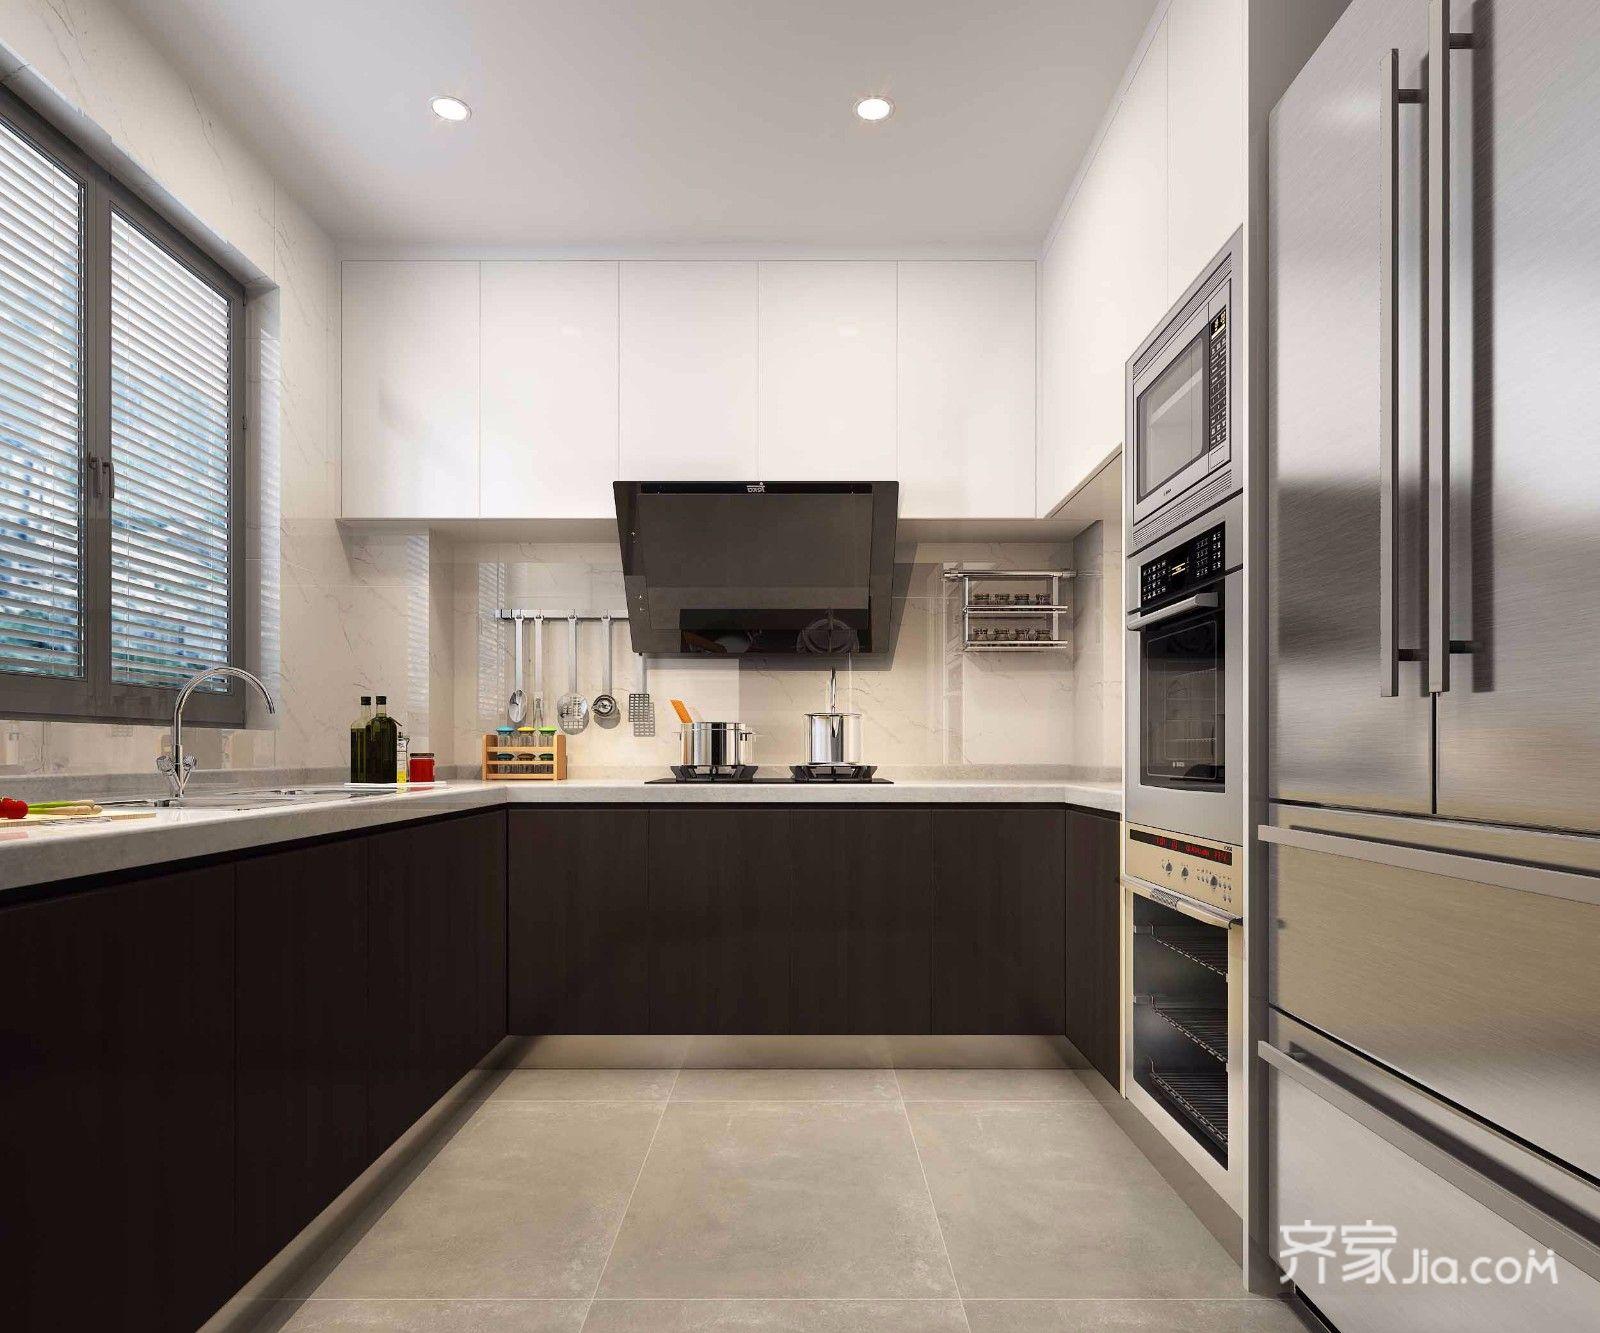 135平米现代风格厨房装修效果图